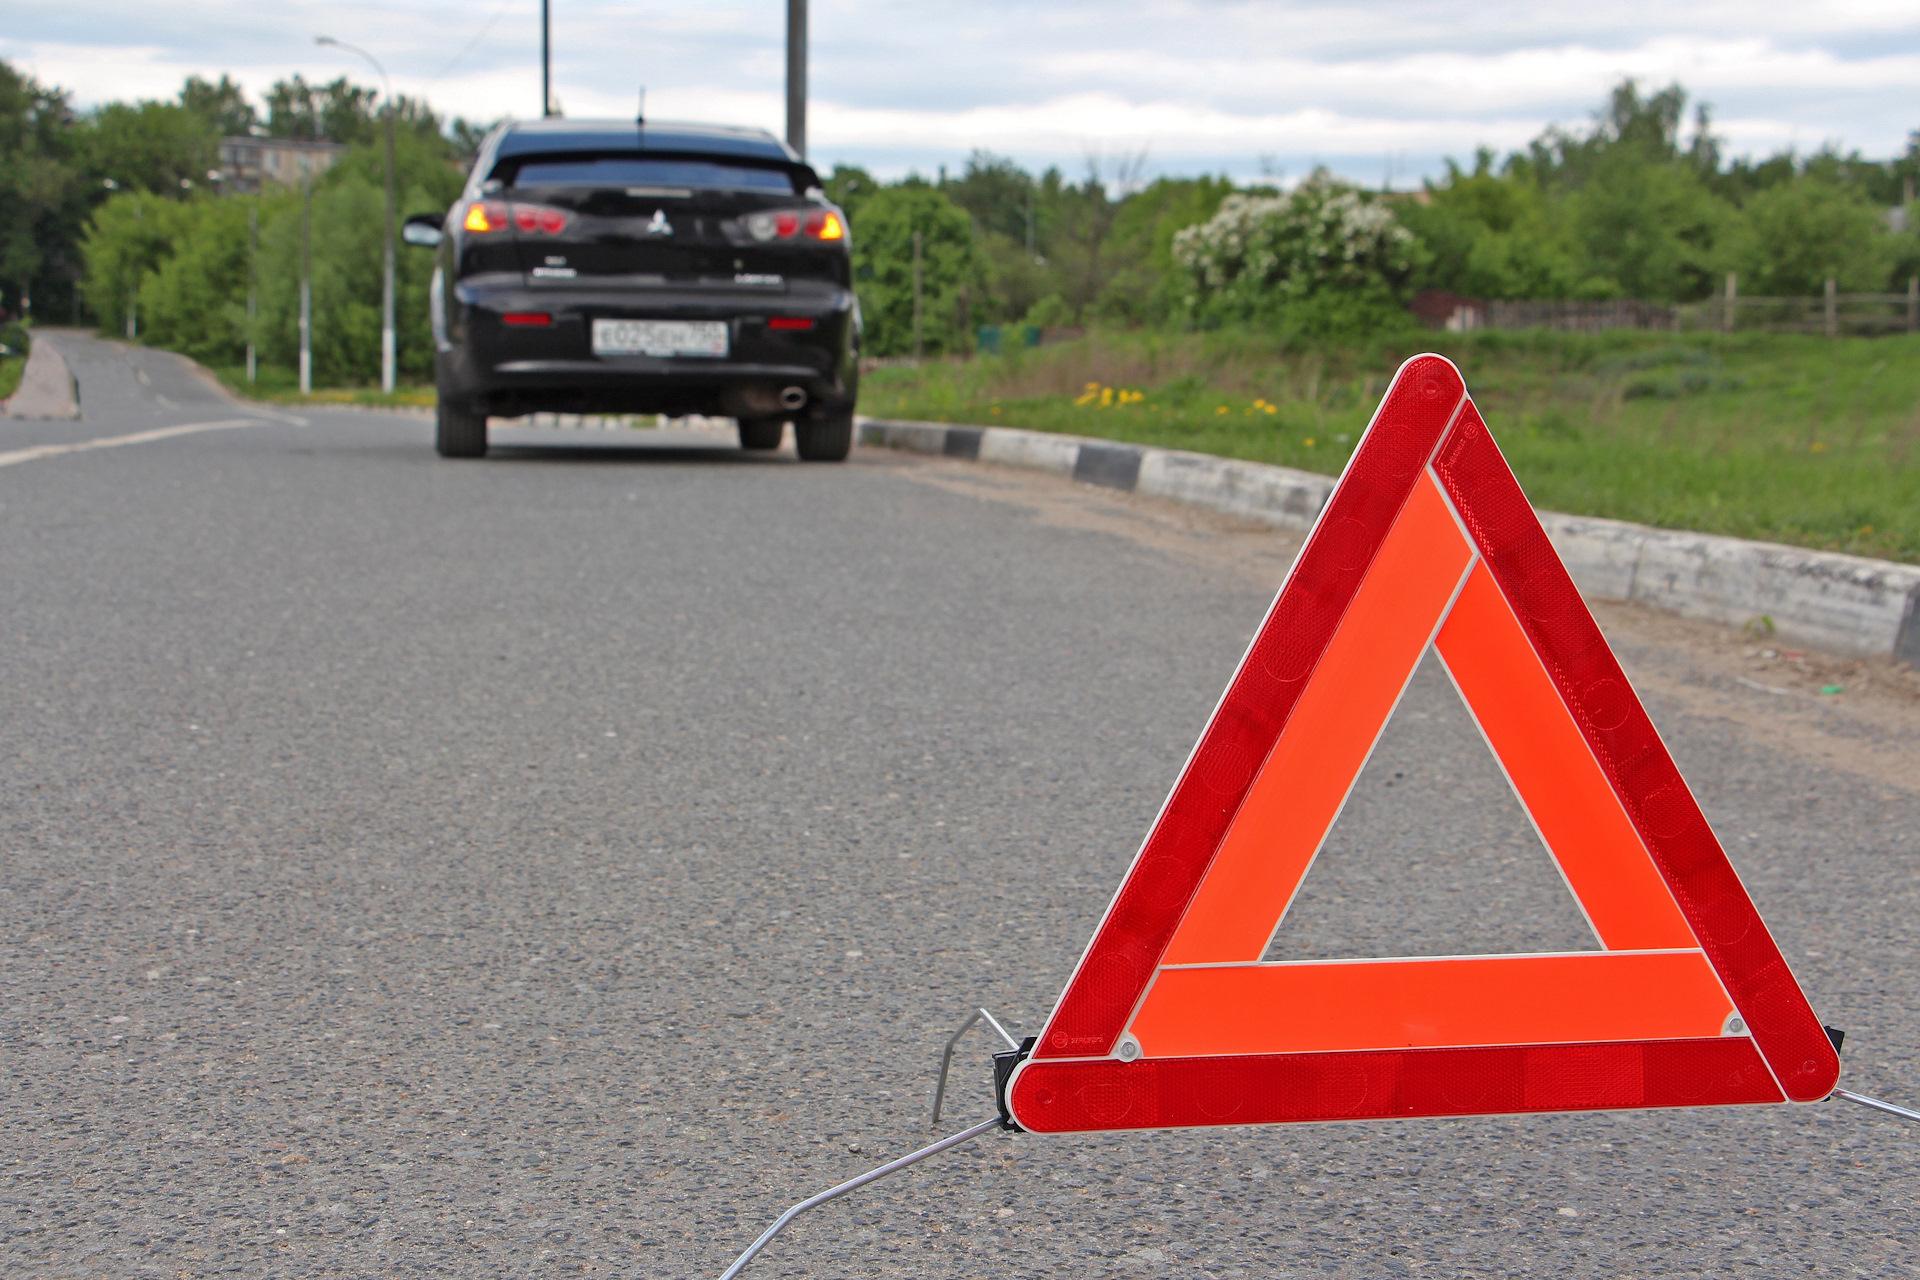 Аварийный знак для автомобиля